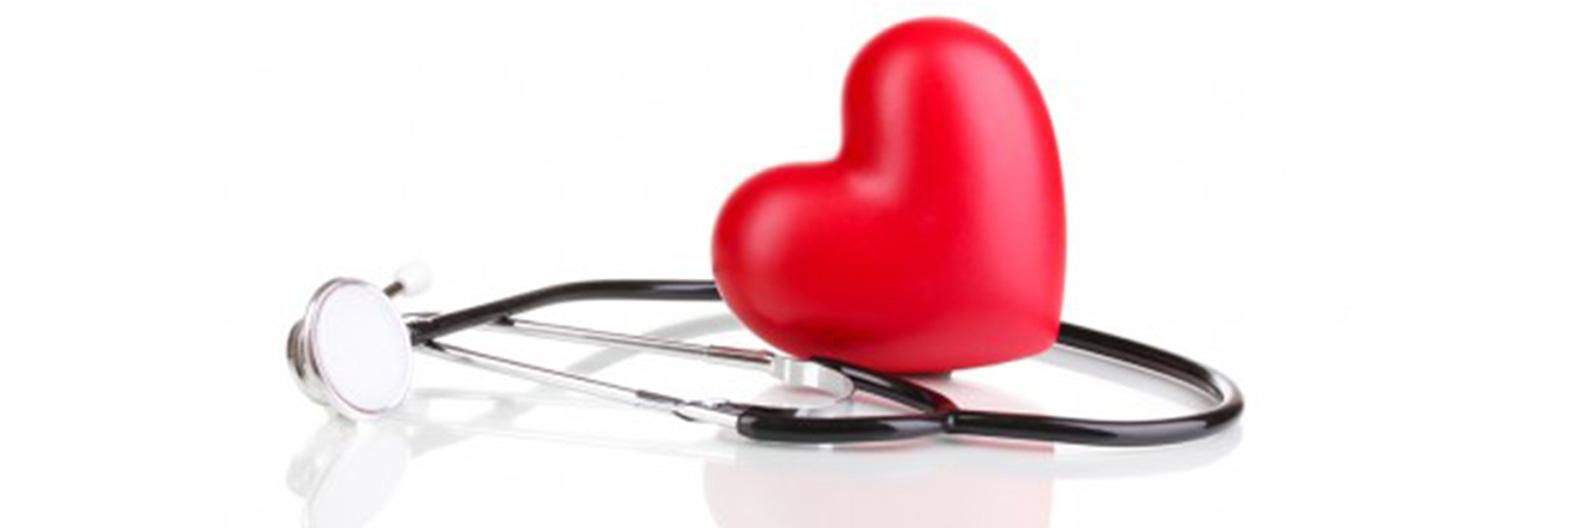 nenaudingi vaistai nuo hipertenzijos hemorojaus, sergančio hipertenzija, gydymas